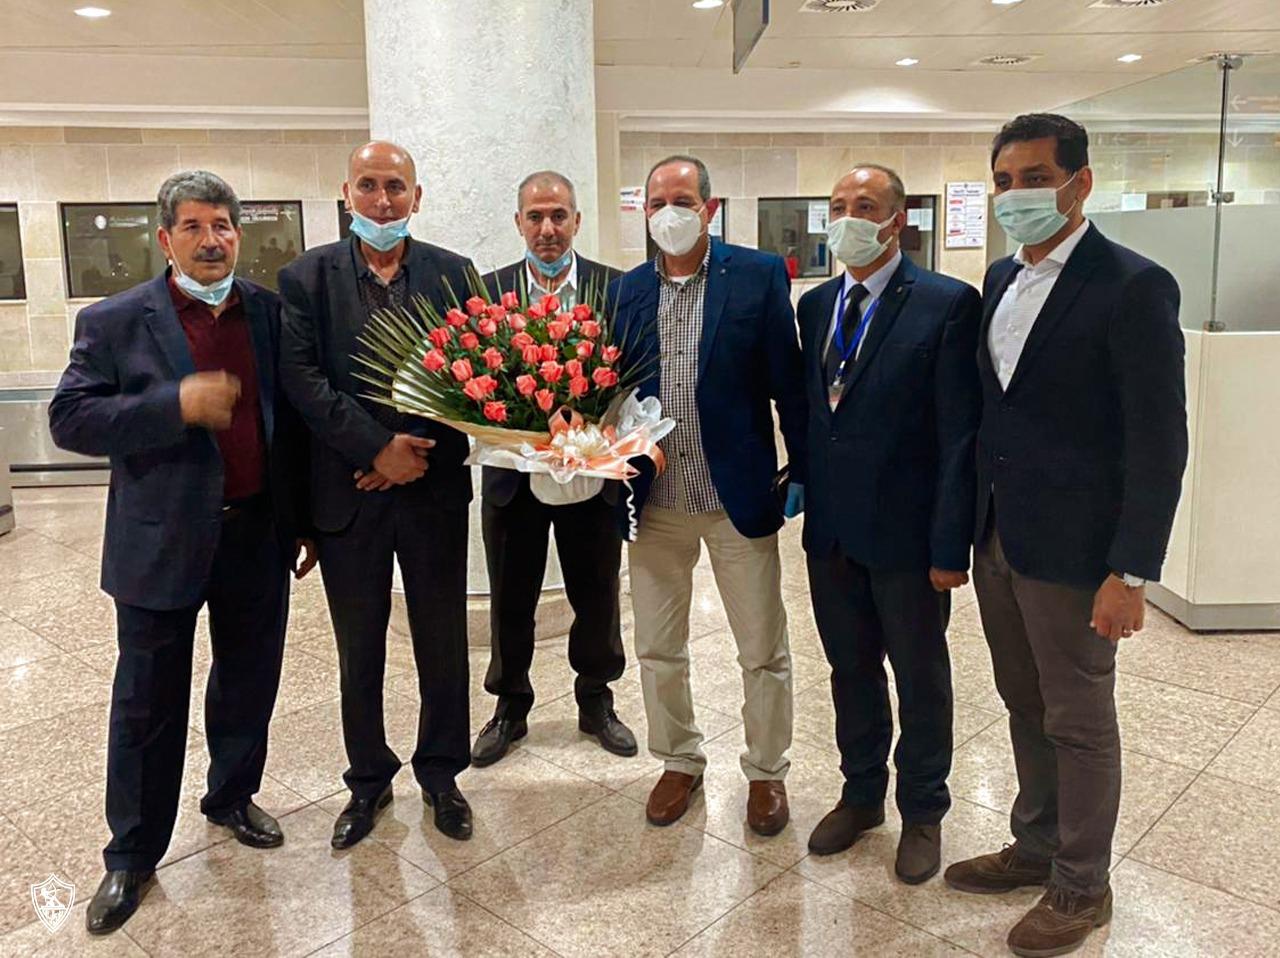 Receiving the Zamalek mission in Algeria